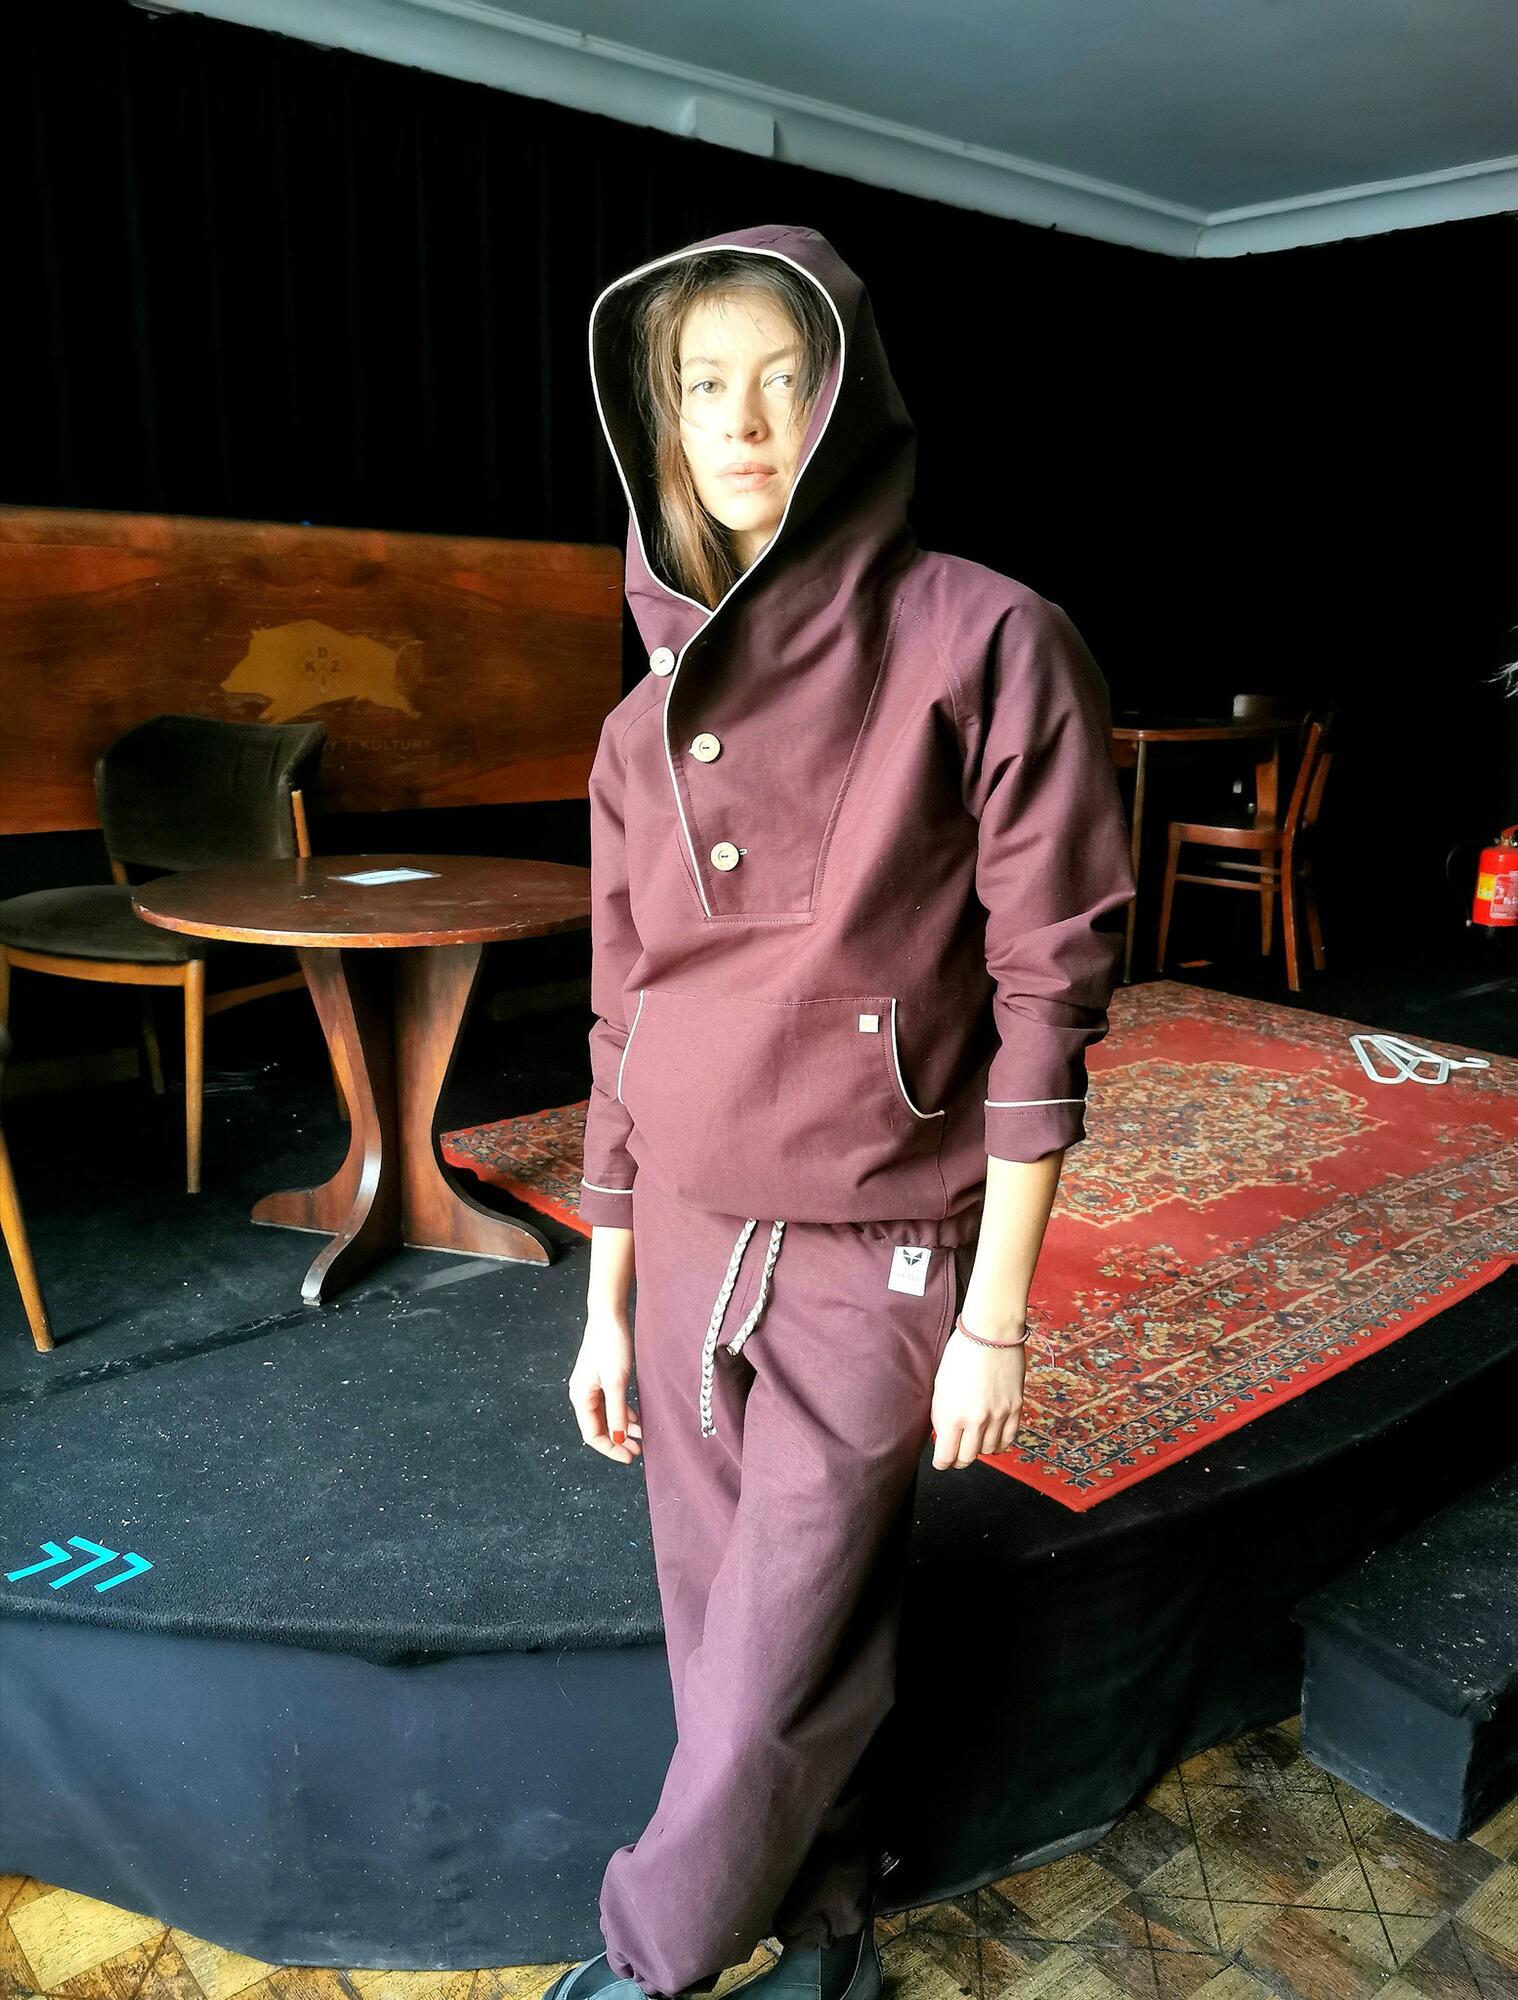 Spodnie HAJDEWARY tibetan monk burgund (PRZEDSPRZEDAŻ) - HAJDE   JestemSlow.pl